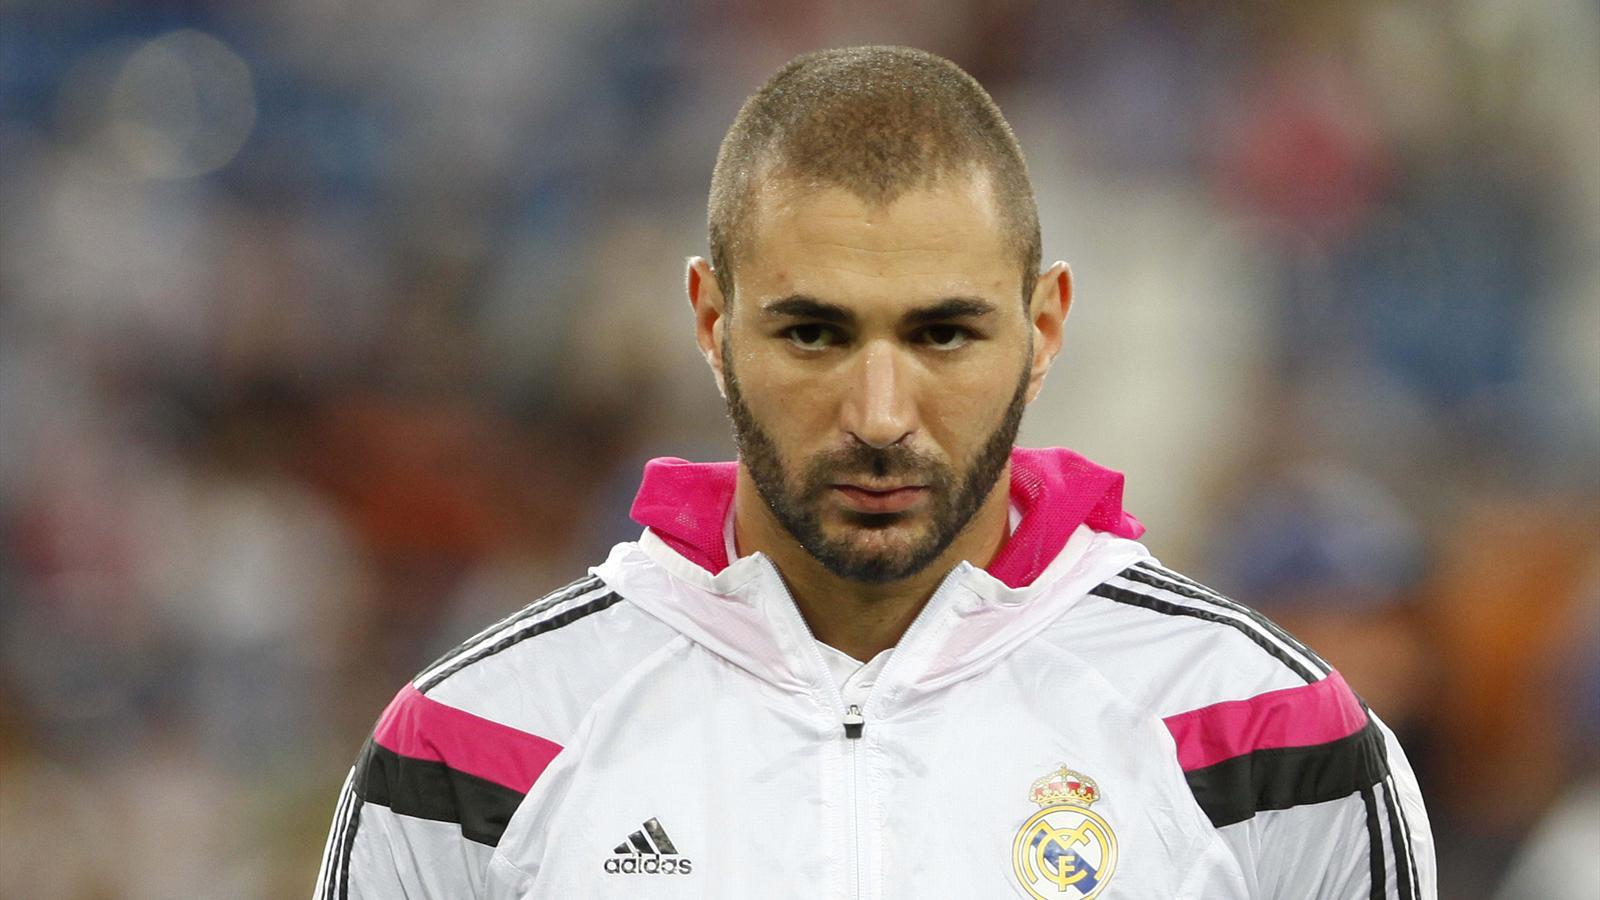 Real Madrid : Pourquoi le public de Santiago-Bernabeu s'en prend-il (encore) à Karim Benzema ? - Ligue des champions 2014-2015 - Football - Eurosport